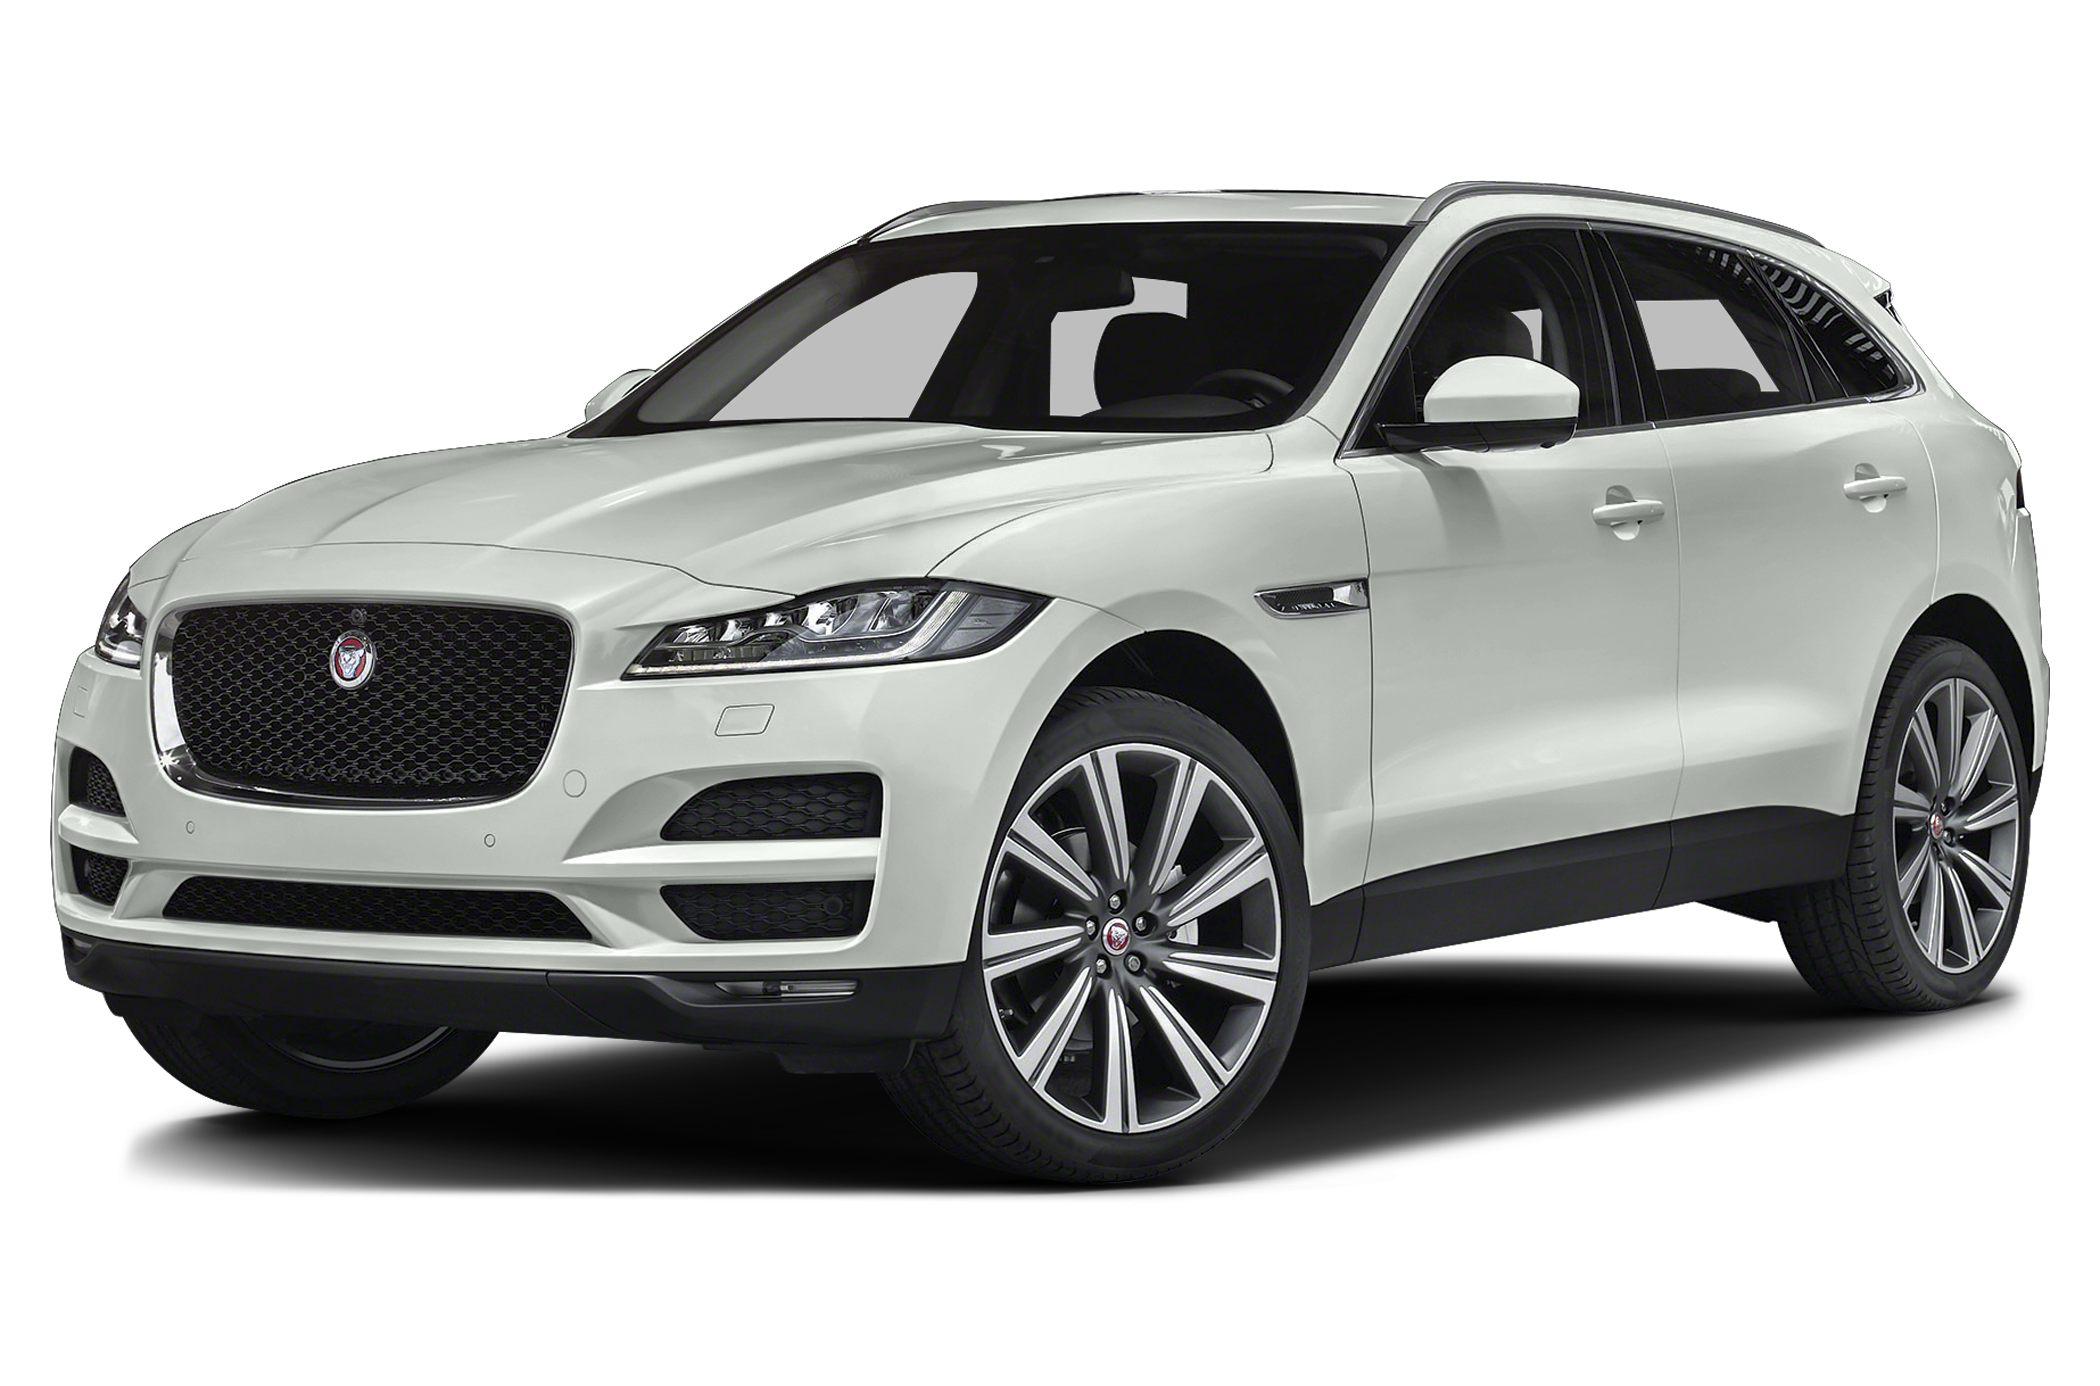 2017 jaguar f-pace 35t all-wheel drive for sale